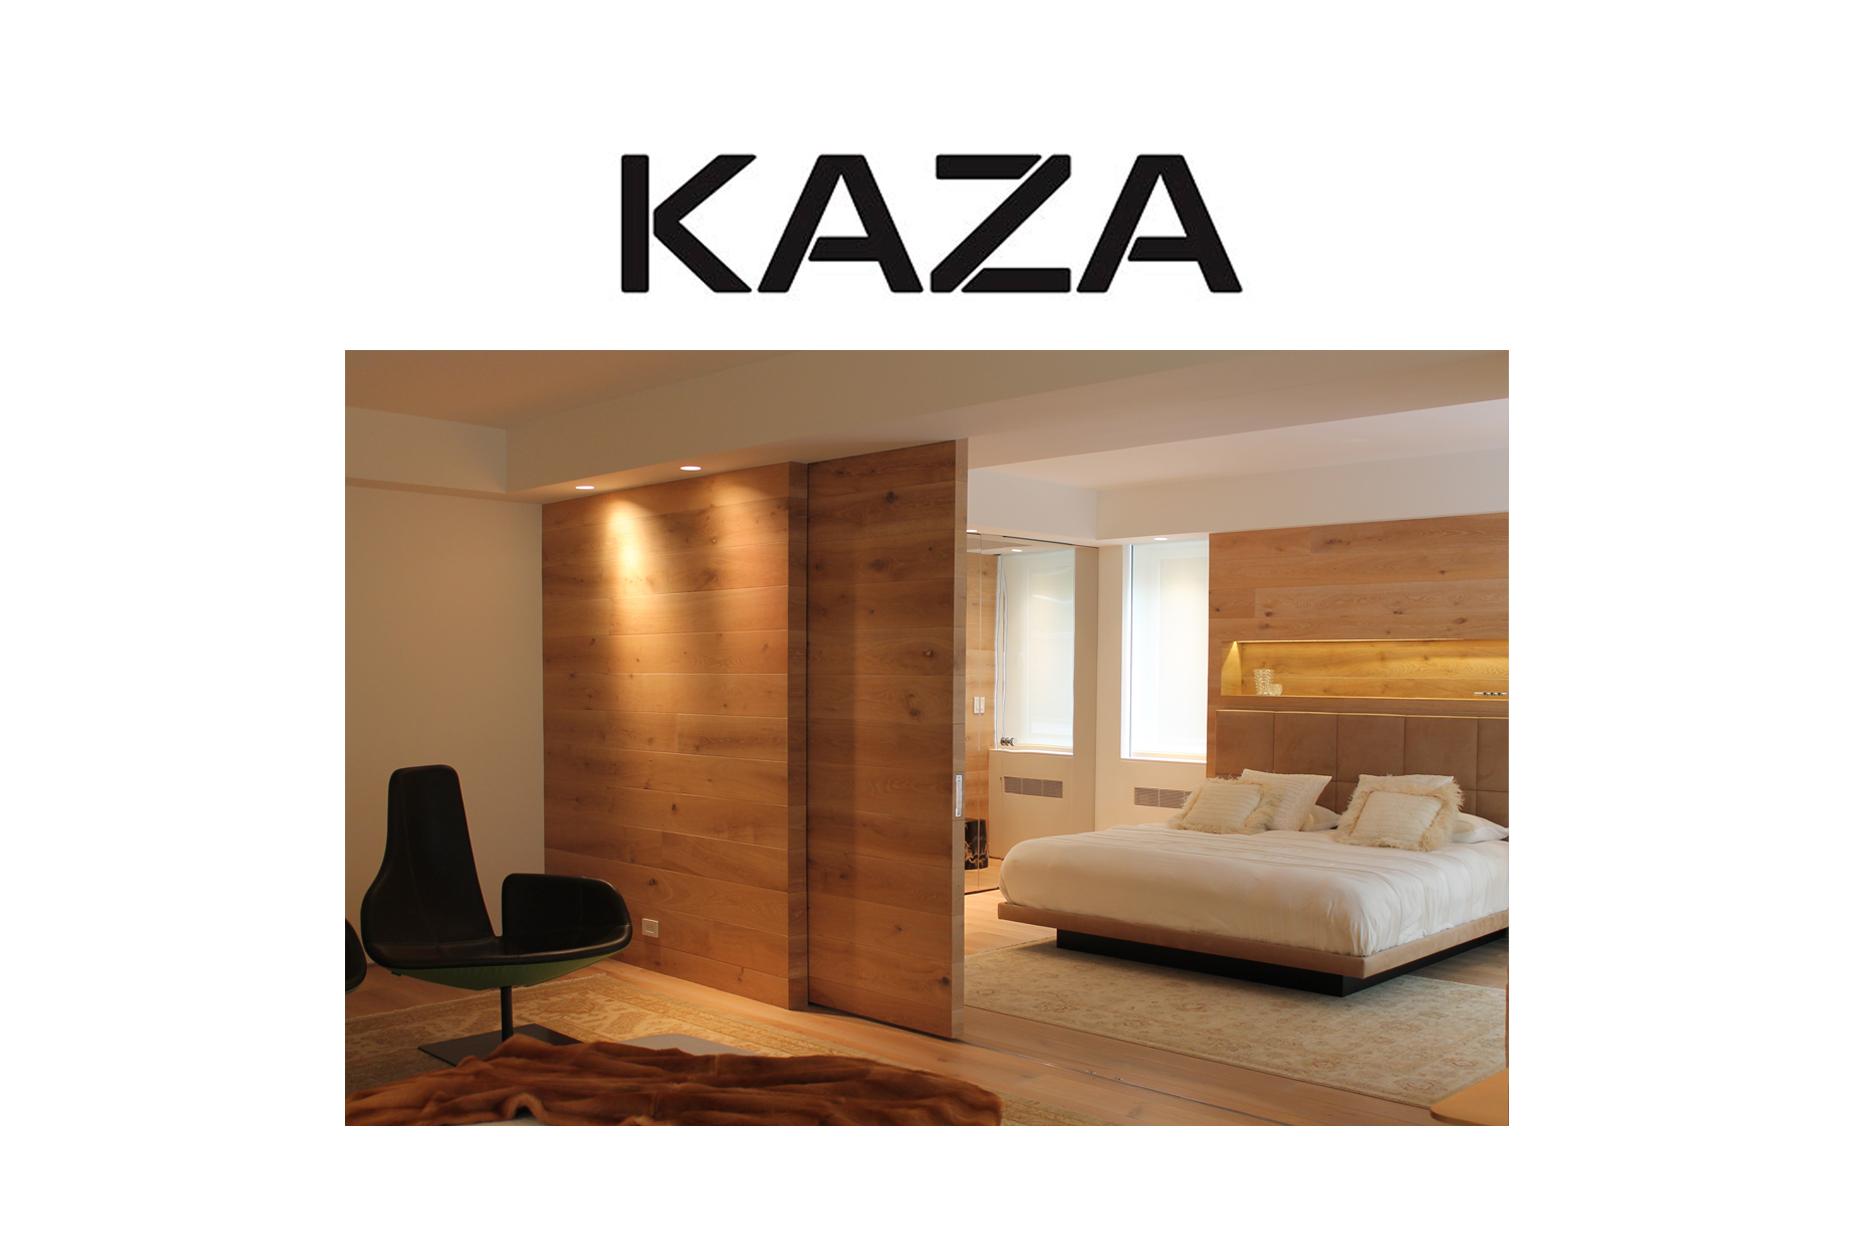 Kaza Magazine | 5th Avenue